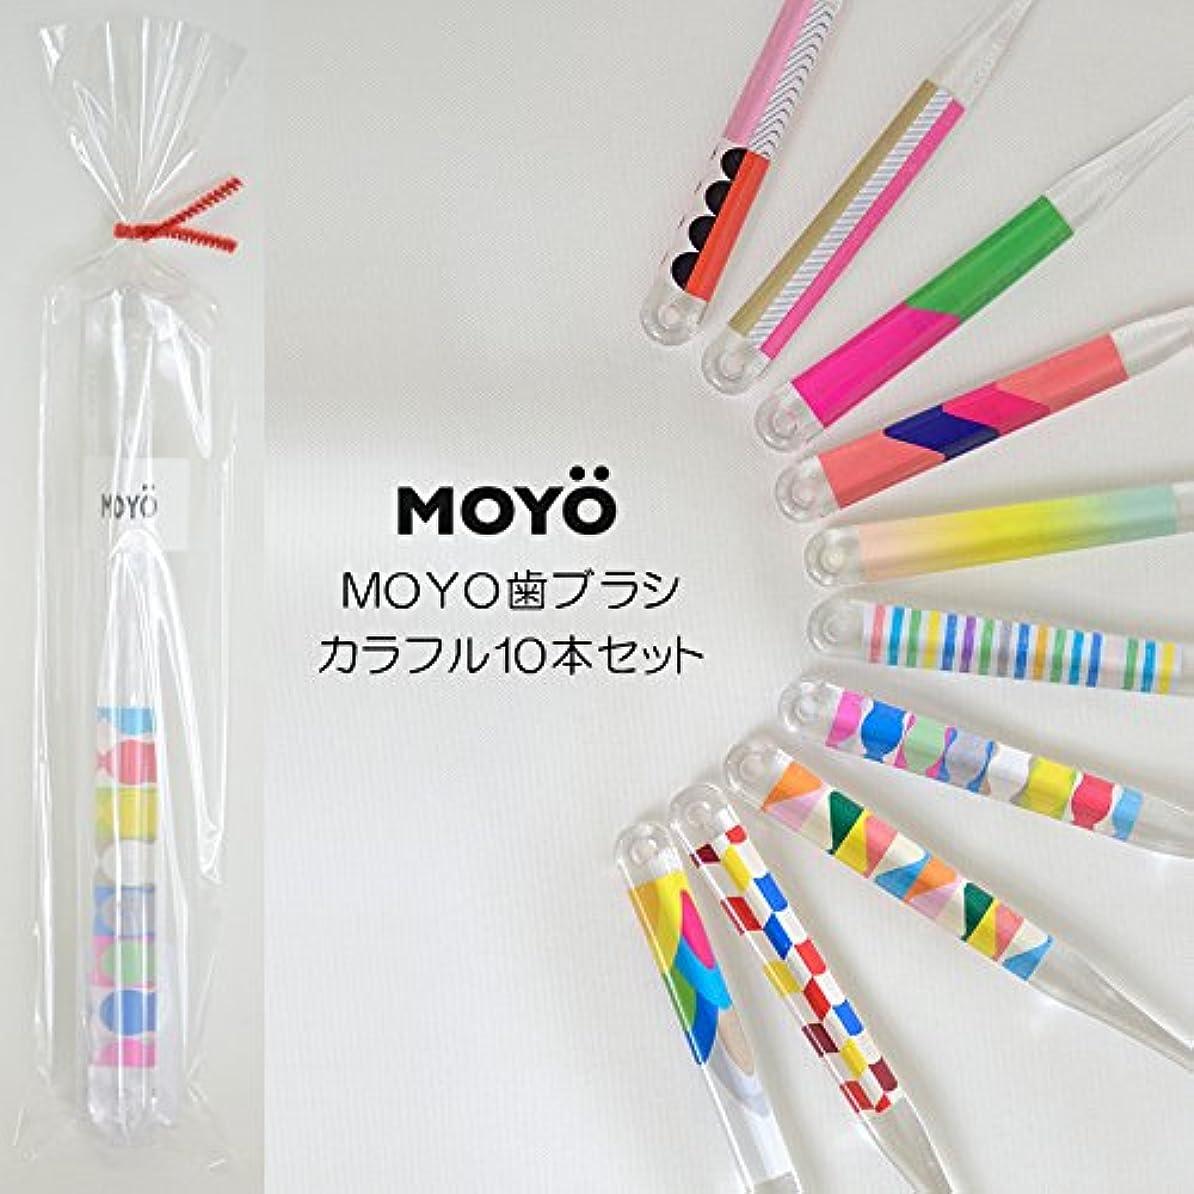 むしゃむしゃ避けられない似ているMOYO モヨウ カラフル10本 プチ ギフト セット_562302-colorful 【F】,カラフル10本セット